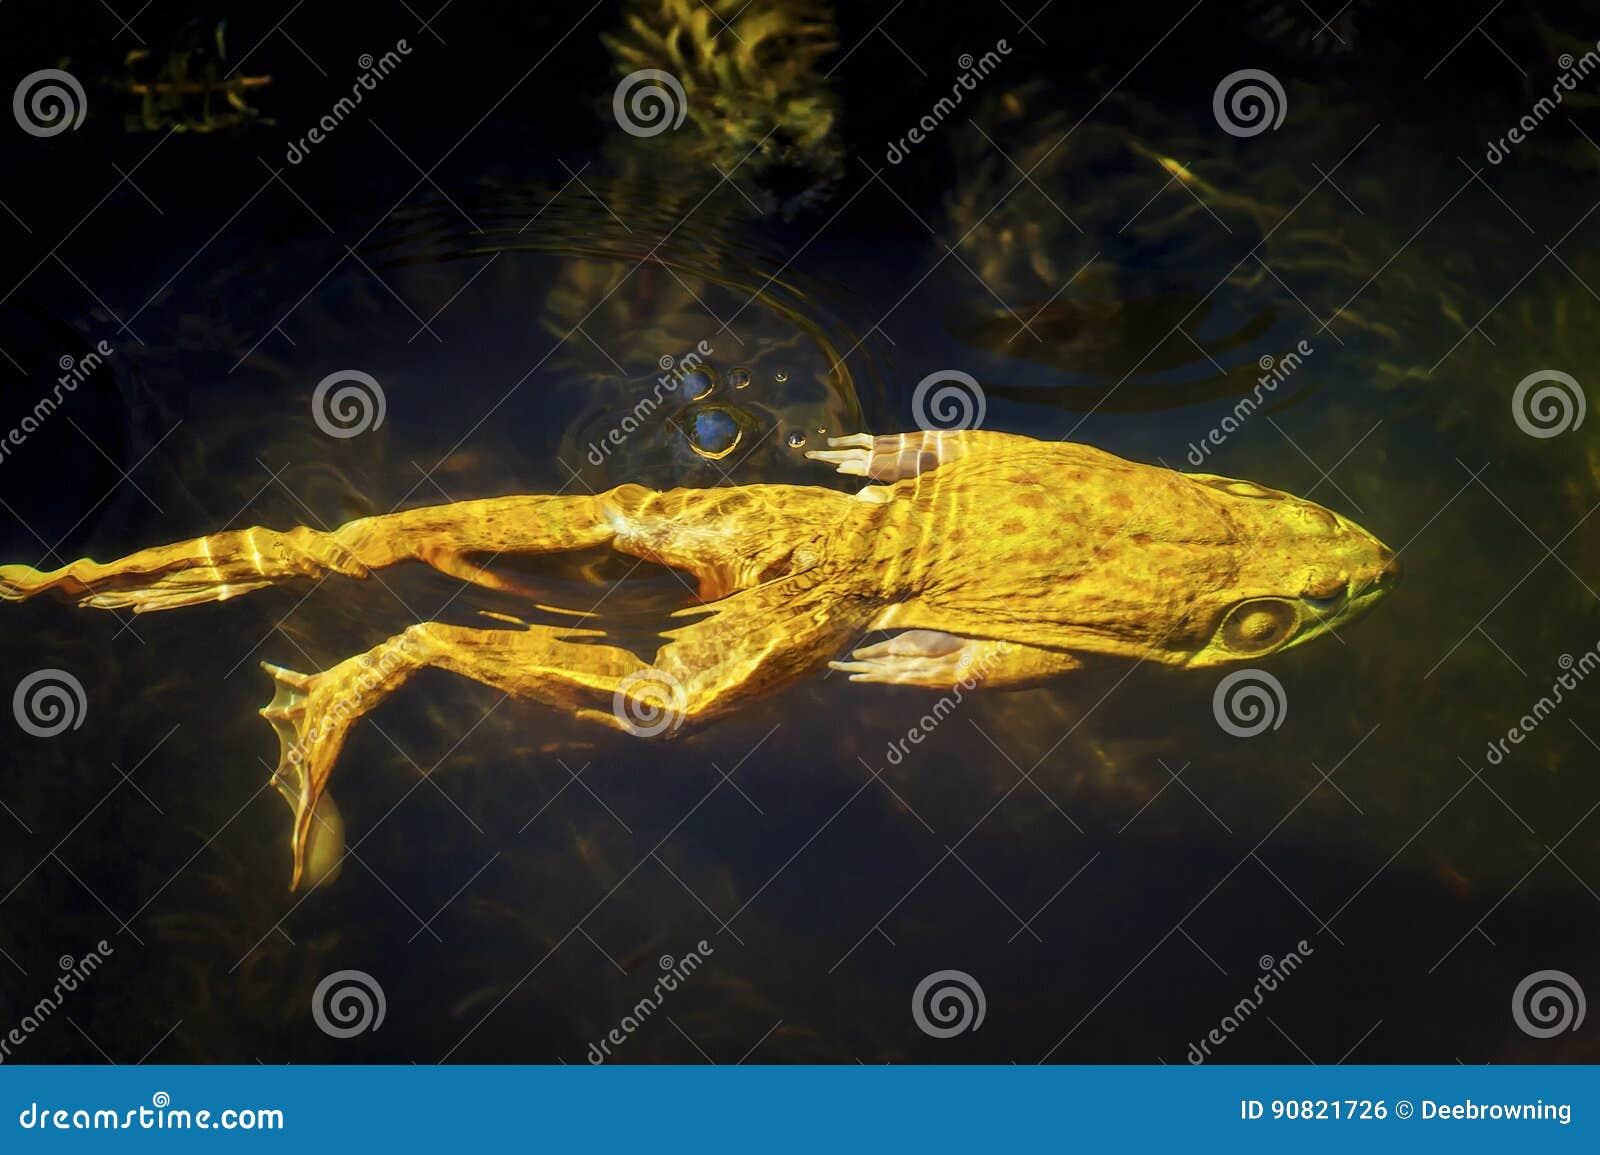 牛蛙游泳在池塘